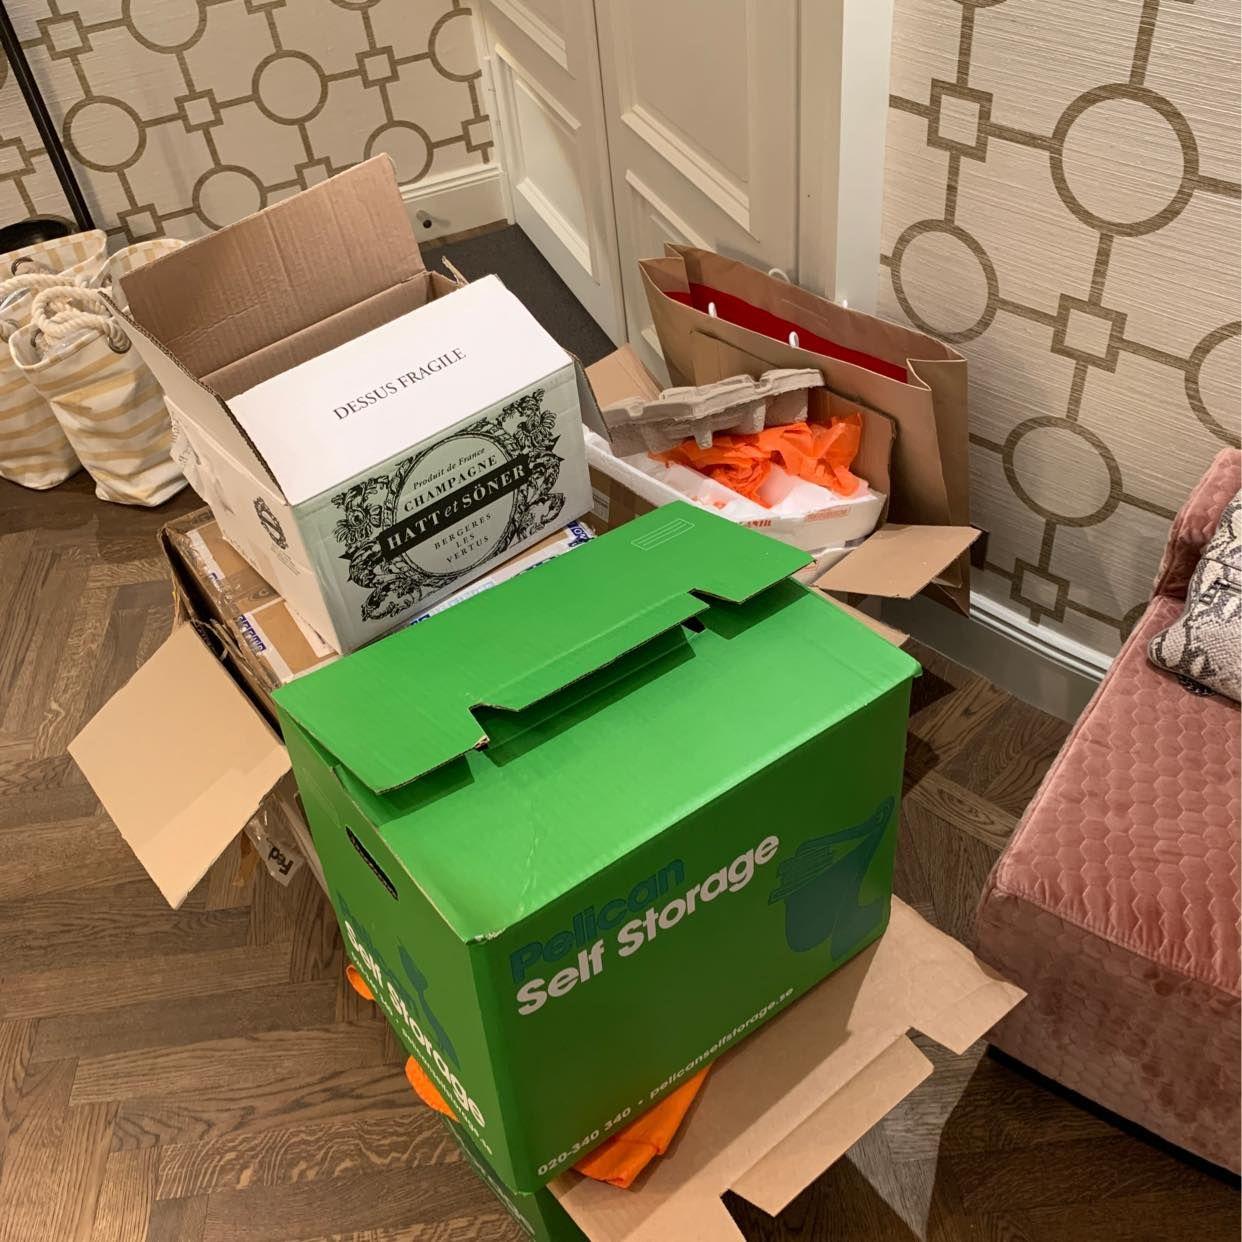 image of Lätta kartonger med skräp - Stockholms Stad